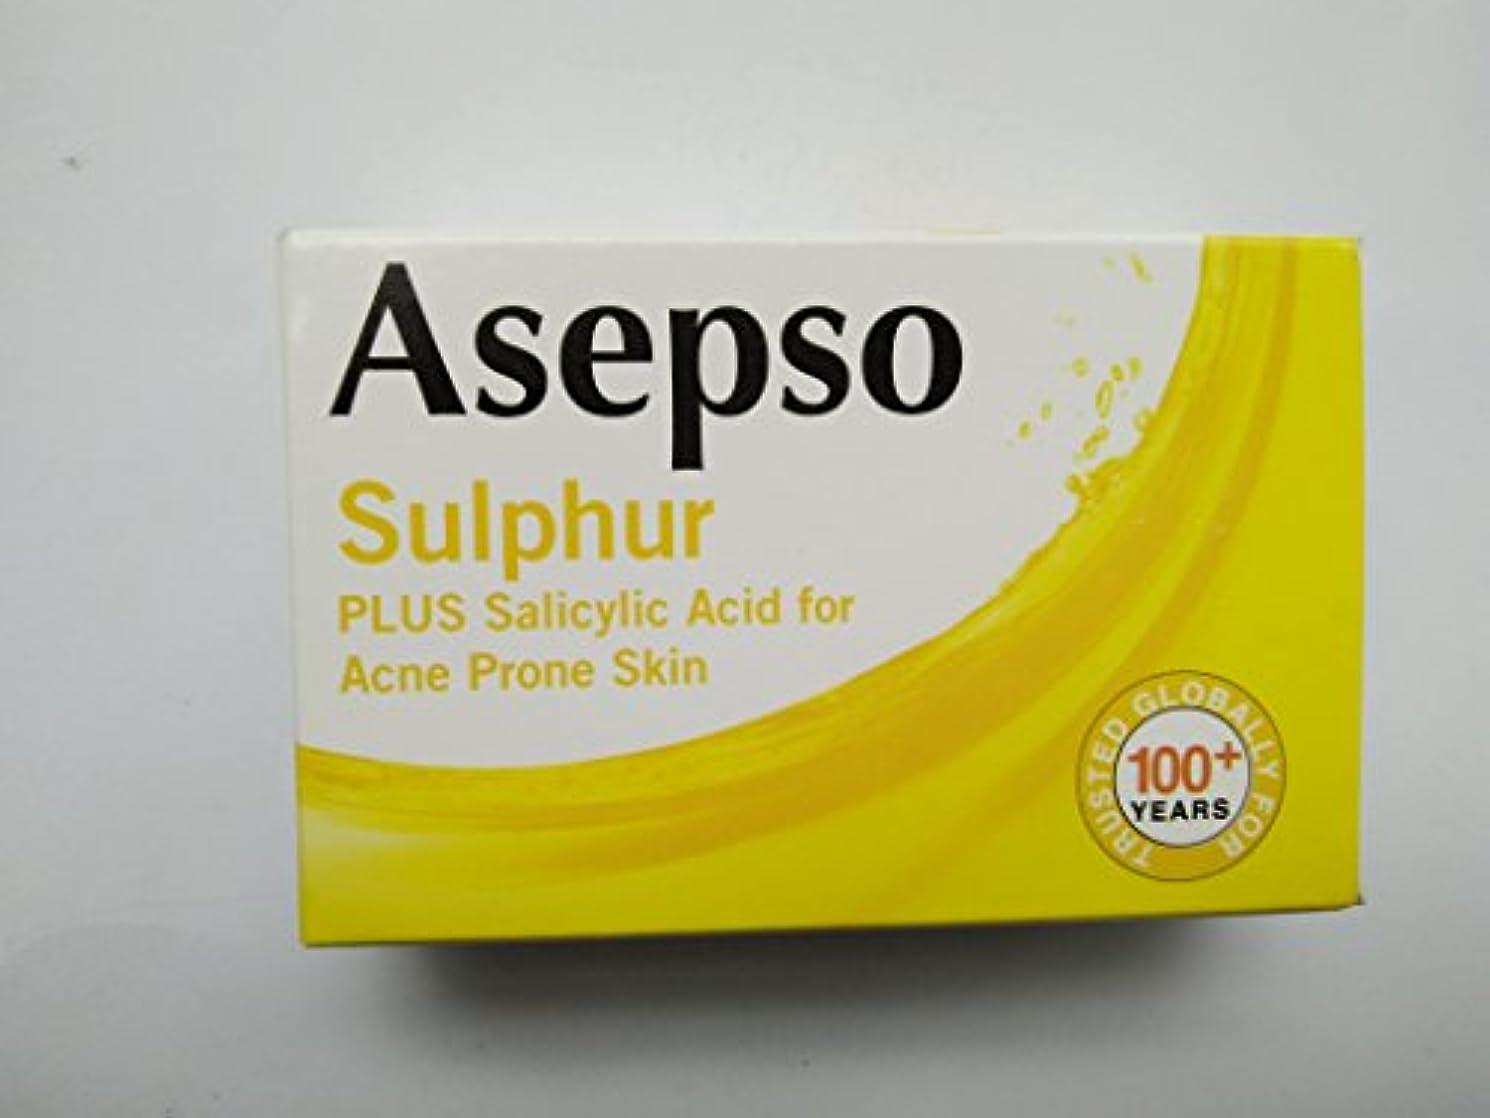 応用事業オーストラリア人Asepso にきび起こしやすい肌80グラムのために硫黄ソーププラスサリチル酸